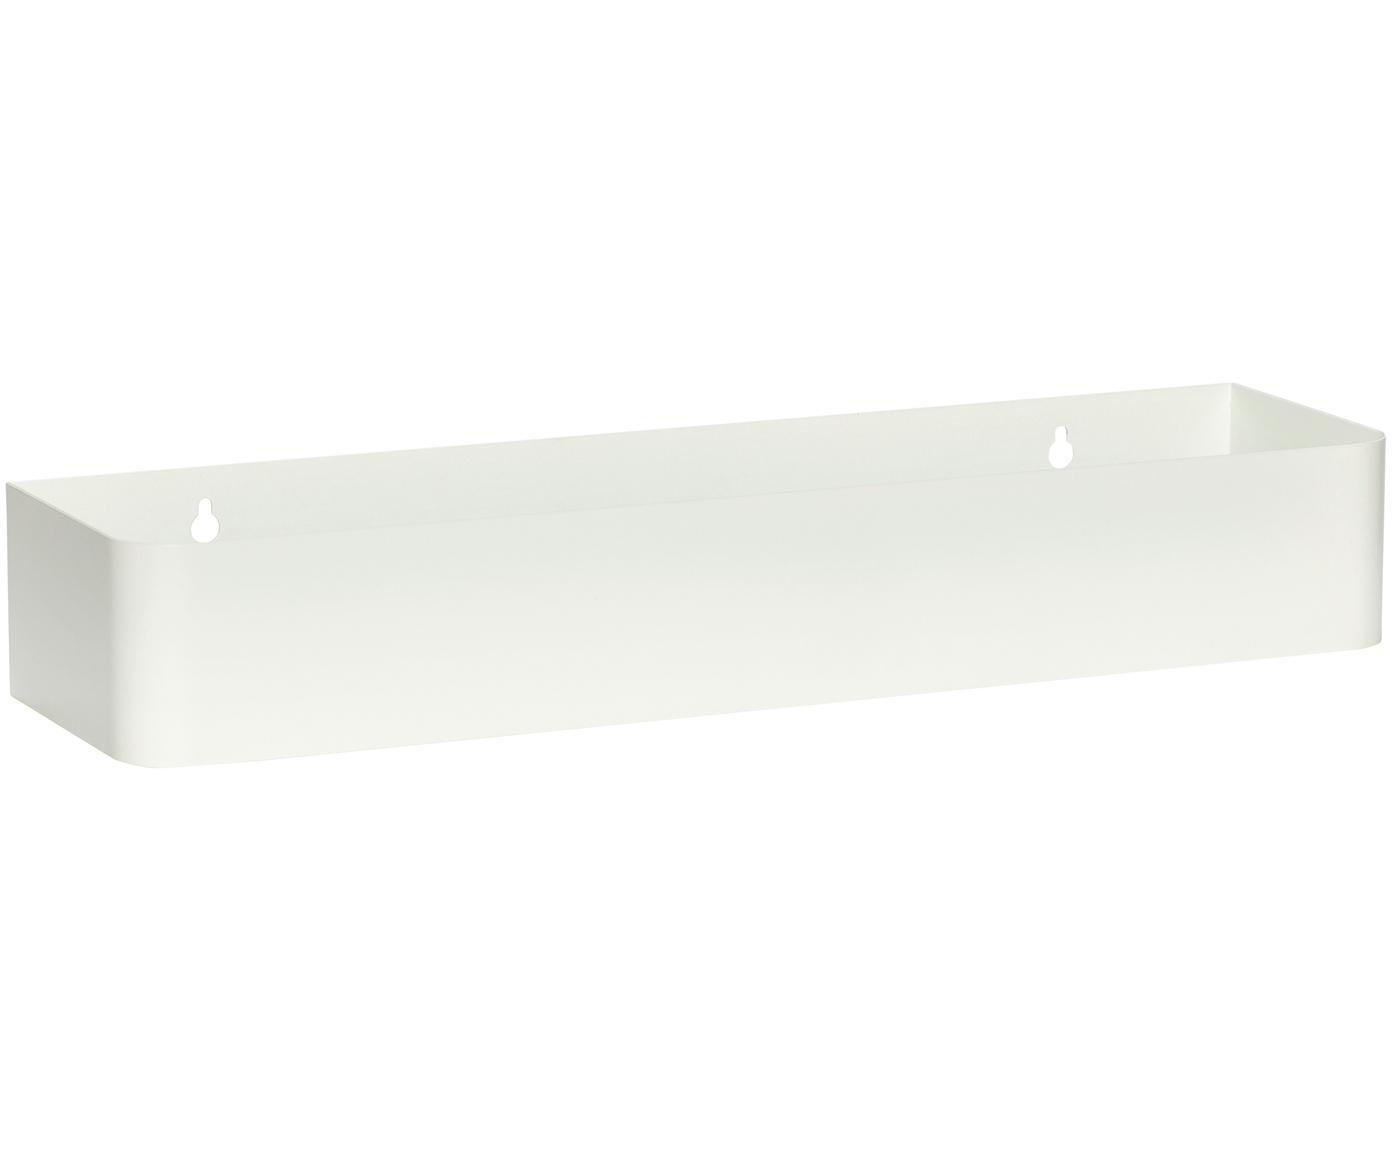 Kleines Wandregal Shelf aus Metall, Metall, beschichtet, Weiss, 45 x 7 cm